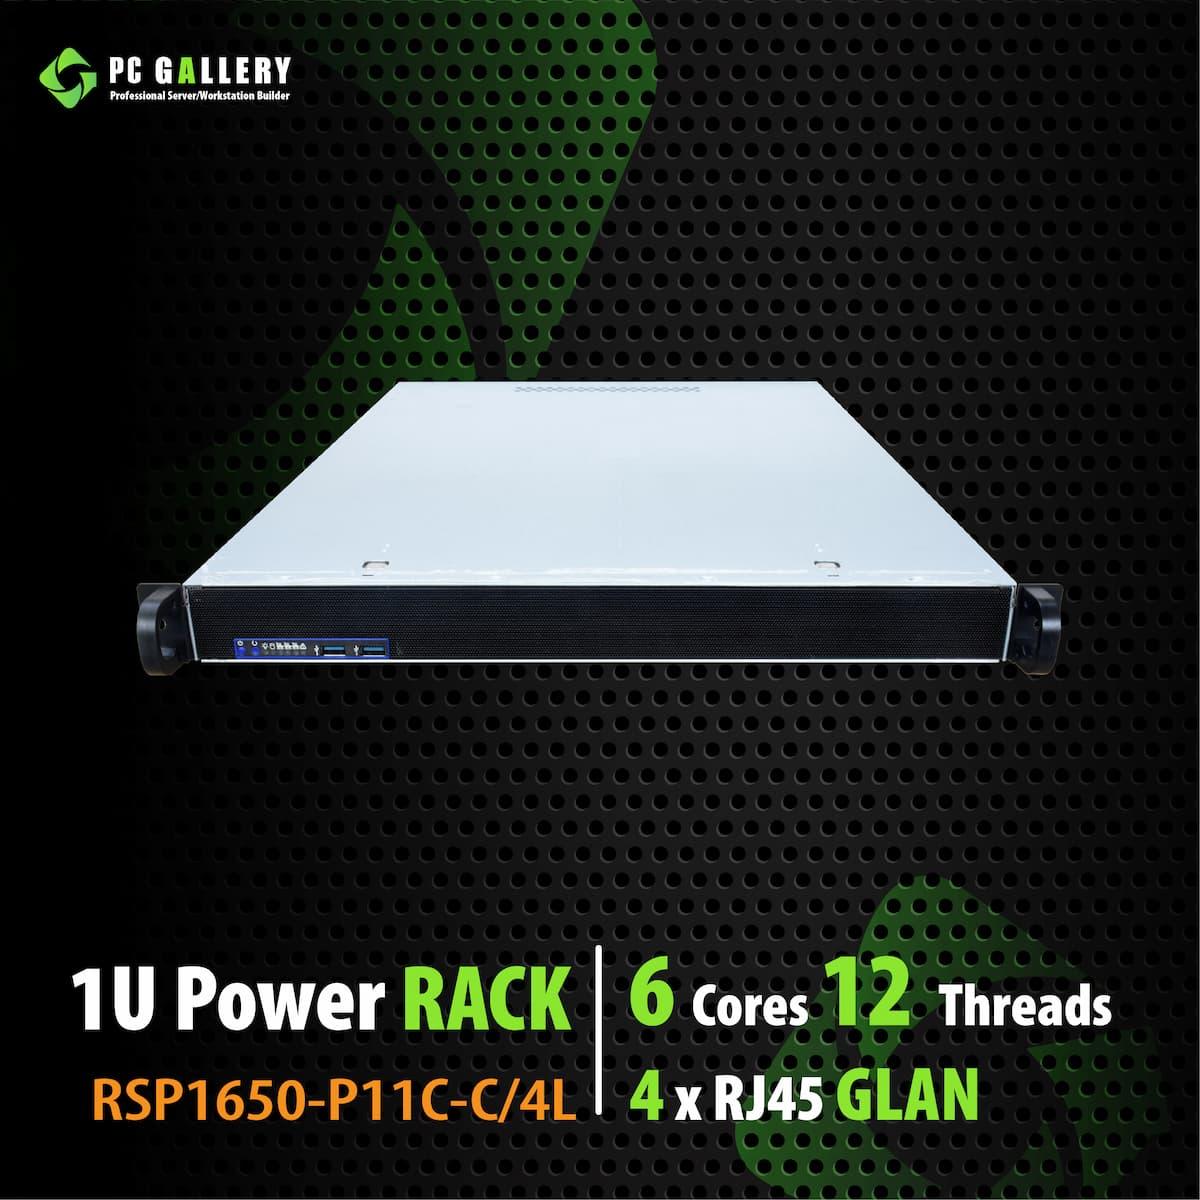 RSP1650-P11C-C4L